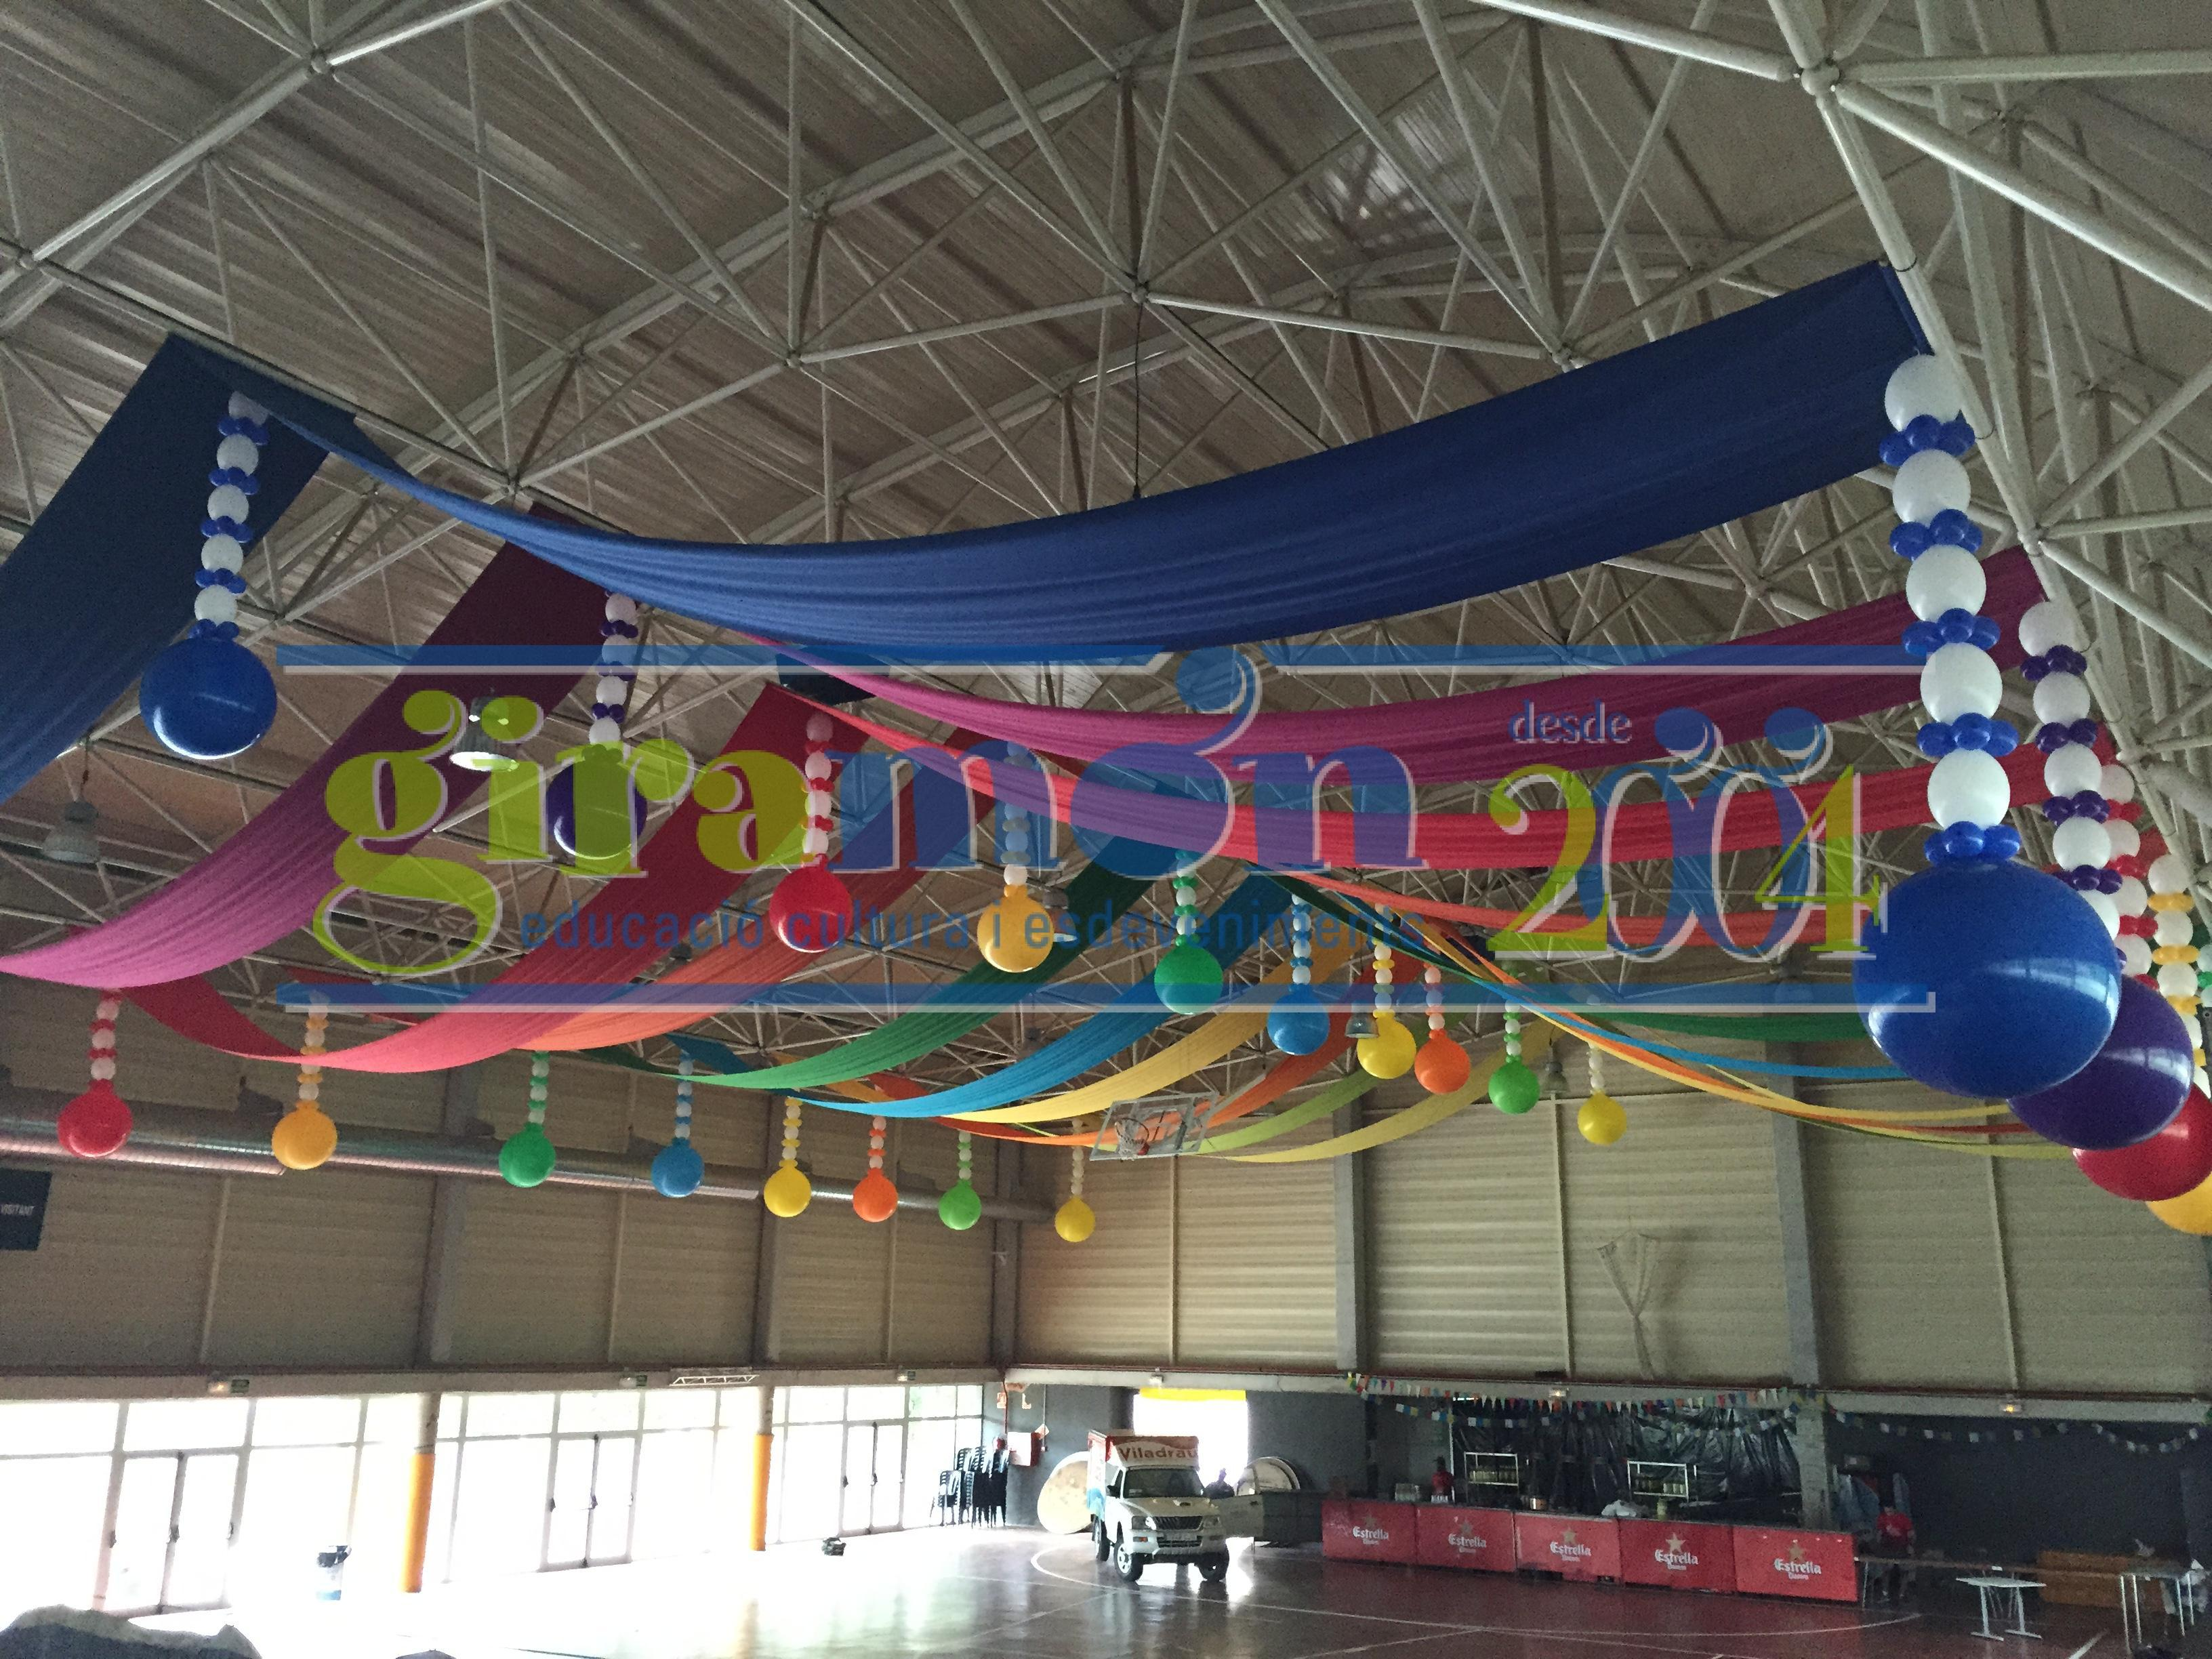 decoraci n de pavellones con globos y telas giram n On decoracion de espacios con telas